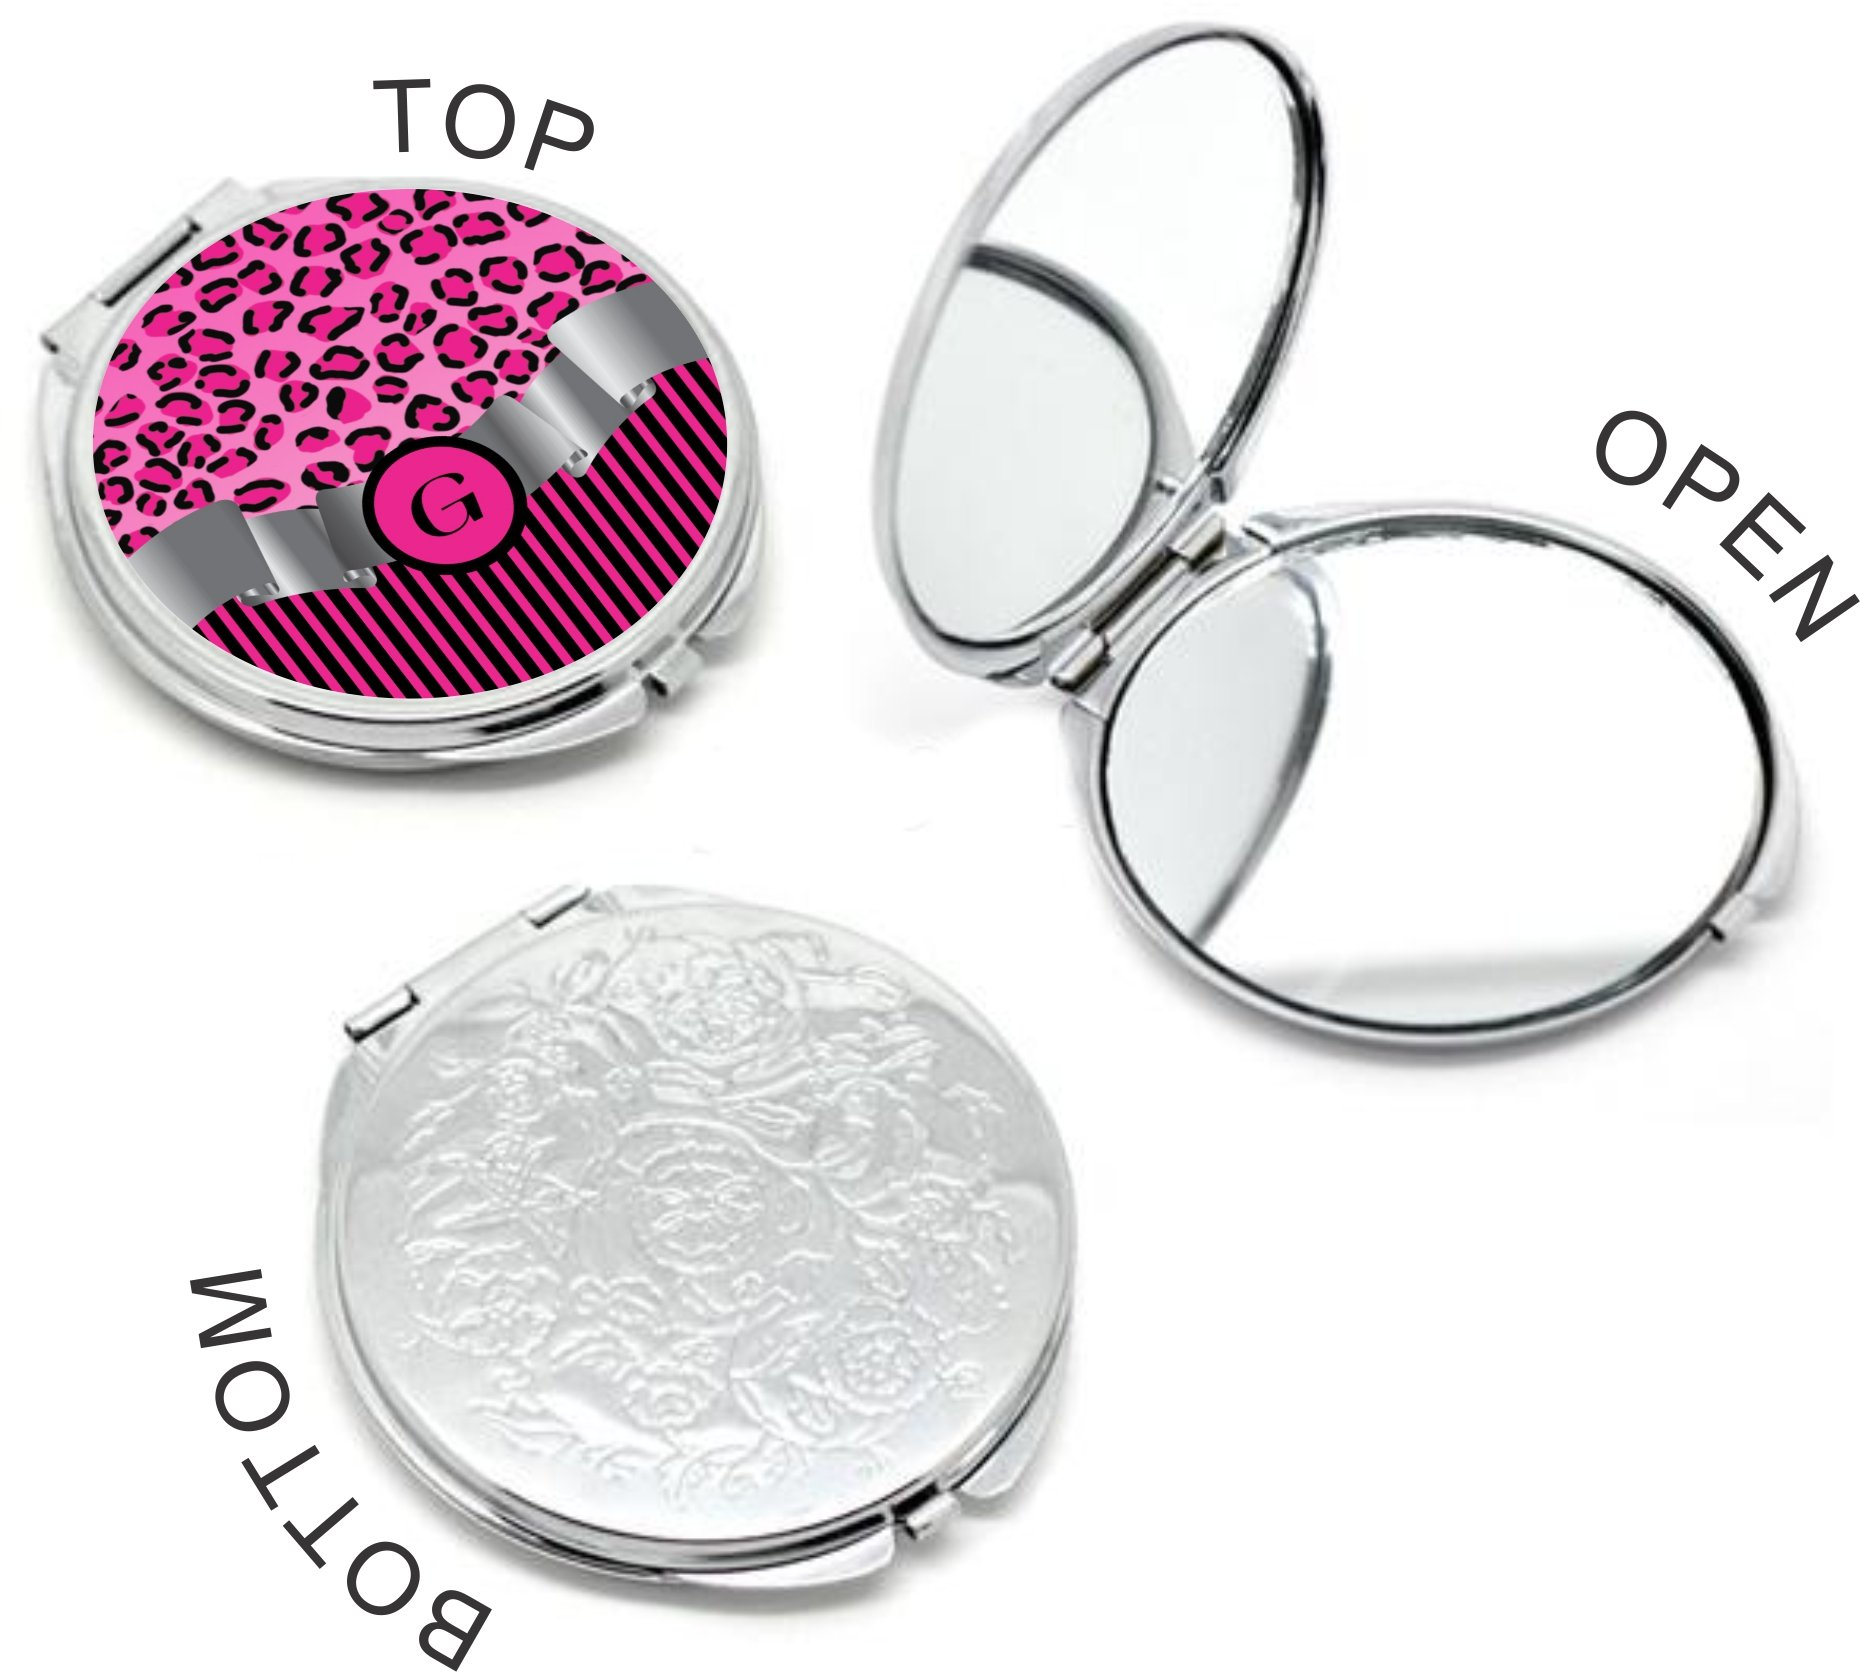 Rikki Knight Letter''G'' Hot Pink Leopard Print Stripes Monogram Design Round Compact Mirror